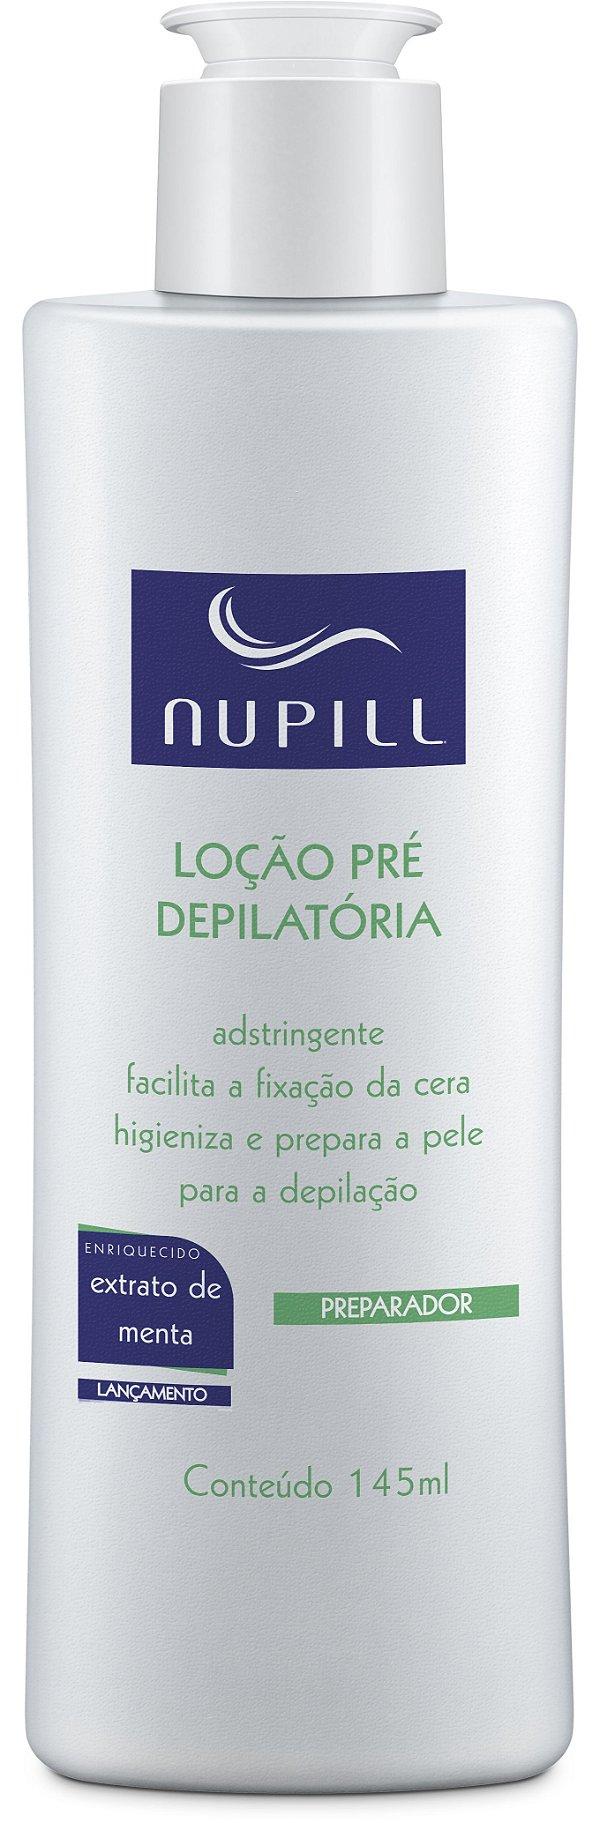 NUPILL LOÇÃO PRÉ DEPILATÓRIA 145ML